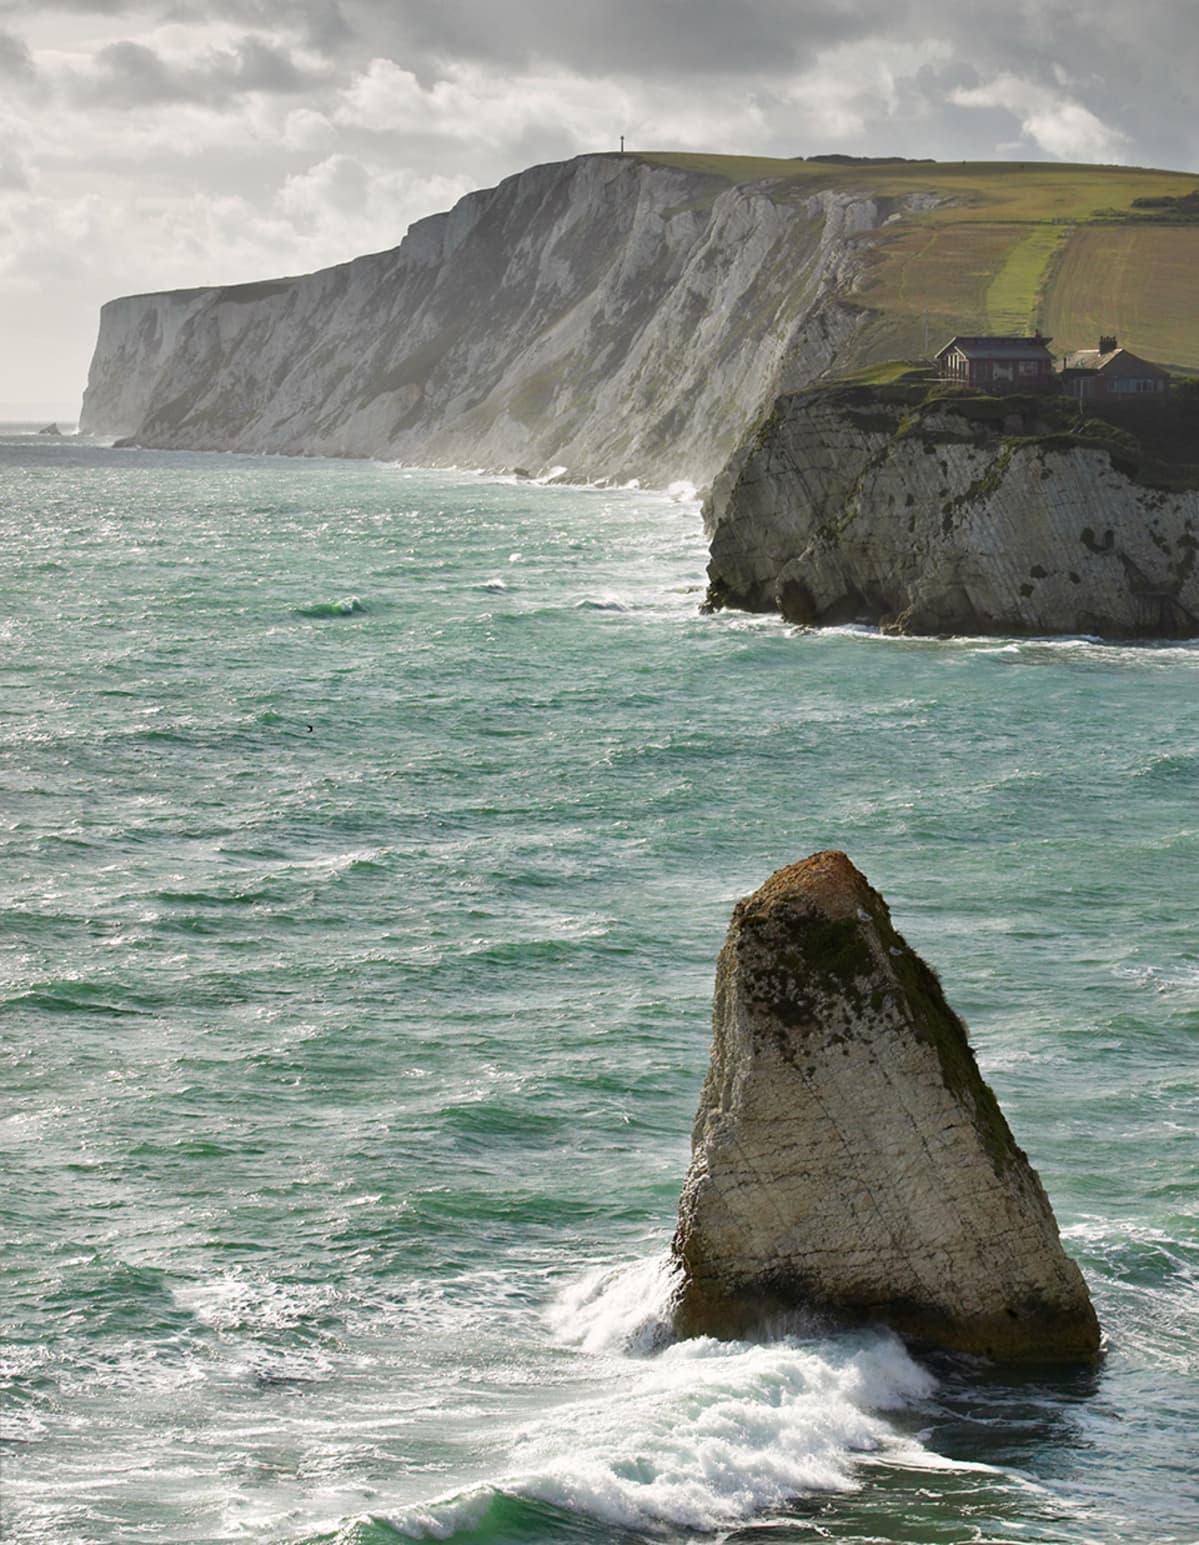 Korkeaa merenrannikkoa ja merta Isle of Wightin saarella Englannin etelärannikolla.